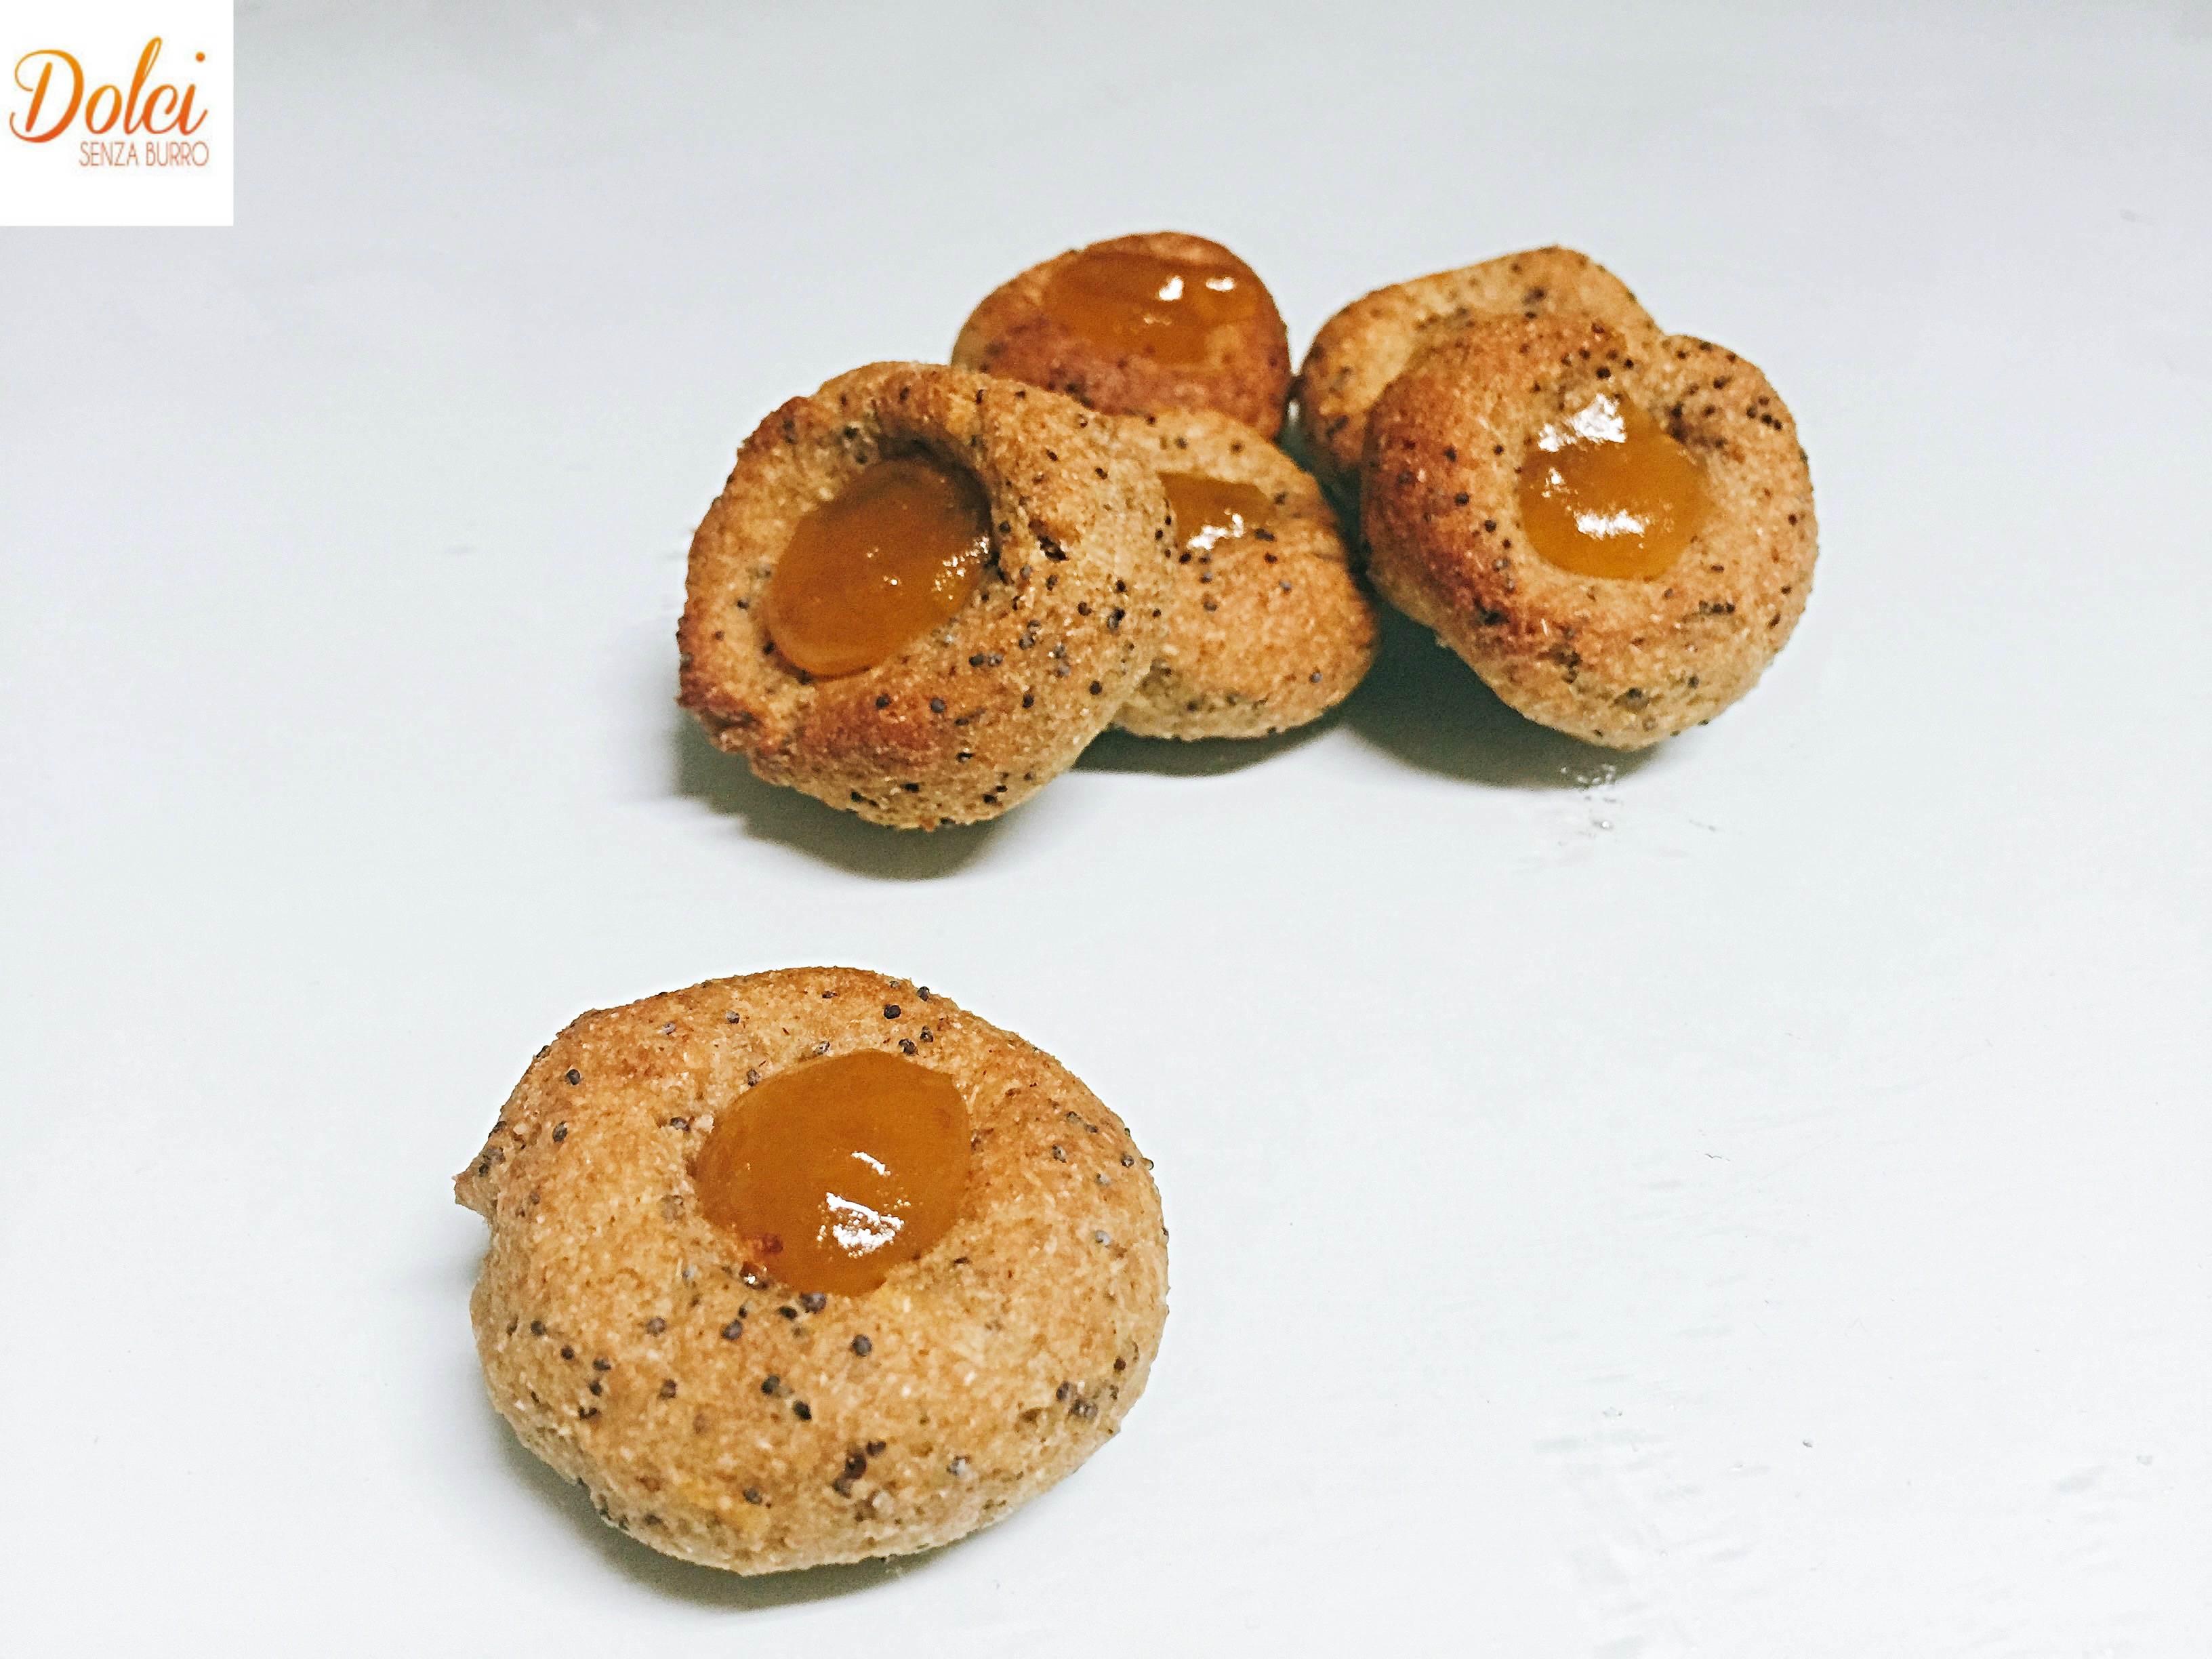 Biscotti Integrali Senza Burro alla Marmellata, sani e genuini! Un biscotto senza grassi e lattosio di dolci senza burro